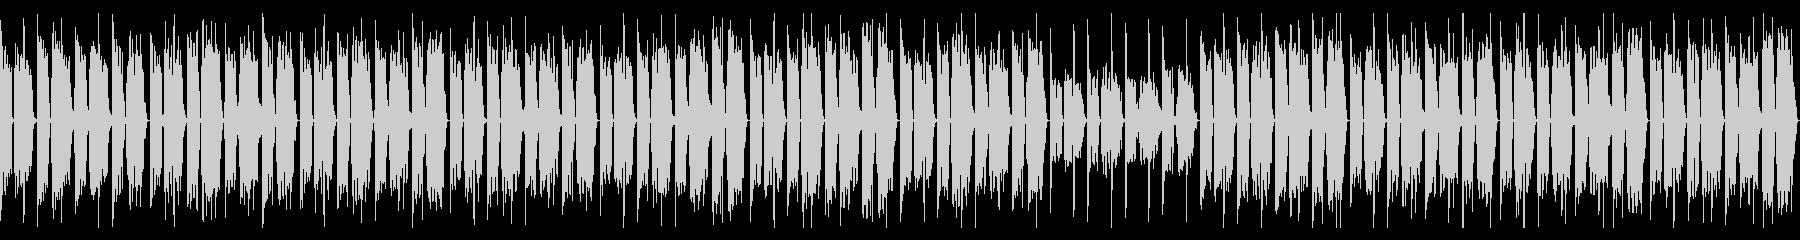 3分クッキングの曲のチルホップアレンジの未再生の波形